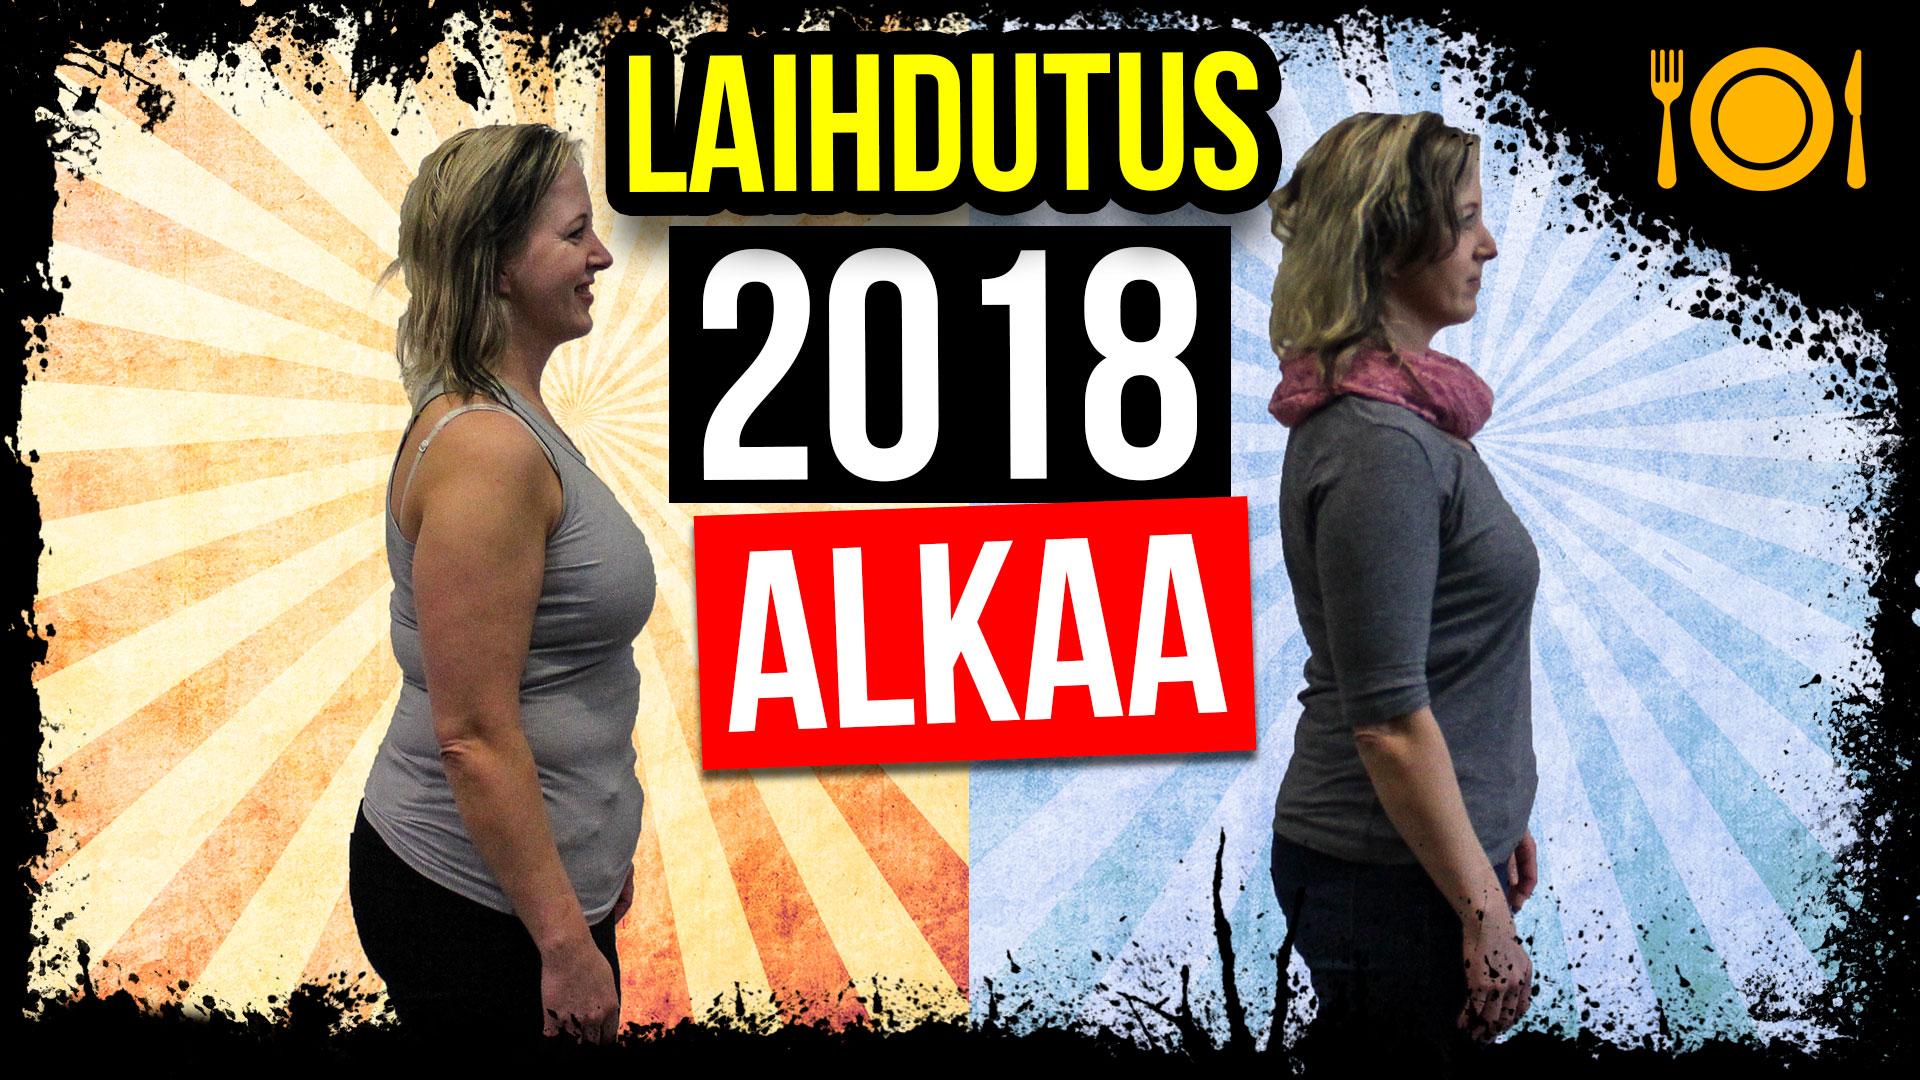 laihdutusryhmä 2018